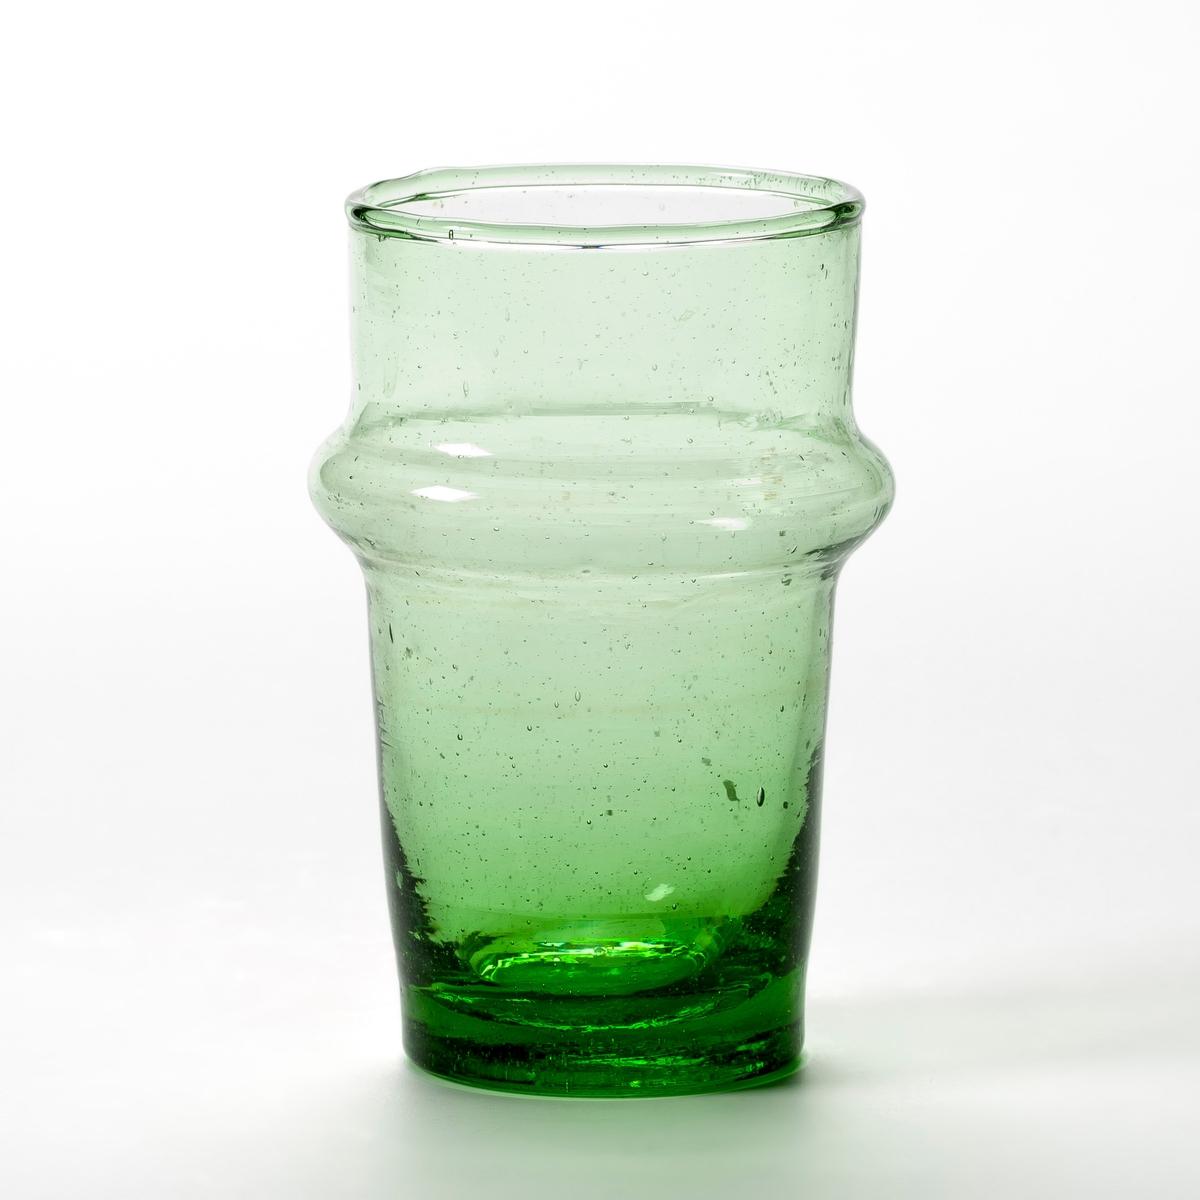 Комплект из 6 стаканов из дутого стекла, ArtacamaКомплект из 6 стаканов Artacama. Ручная работа, произведено в Марокко из переработанного стекла. Каждый стакан уникален. Из дутого стекла. Размеры: ? верха 6, ? низа 4,3 x В.10,5 см. Емкость 18 cl. Можно мыть в посудомоечной машине. Чайные чашки из этой же коллекции продаются на нашем сайте.<br><br>Цвет: зеленый